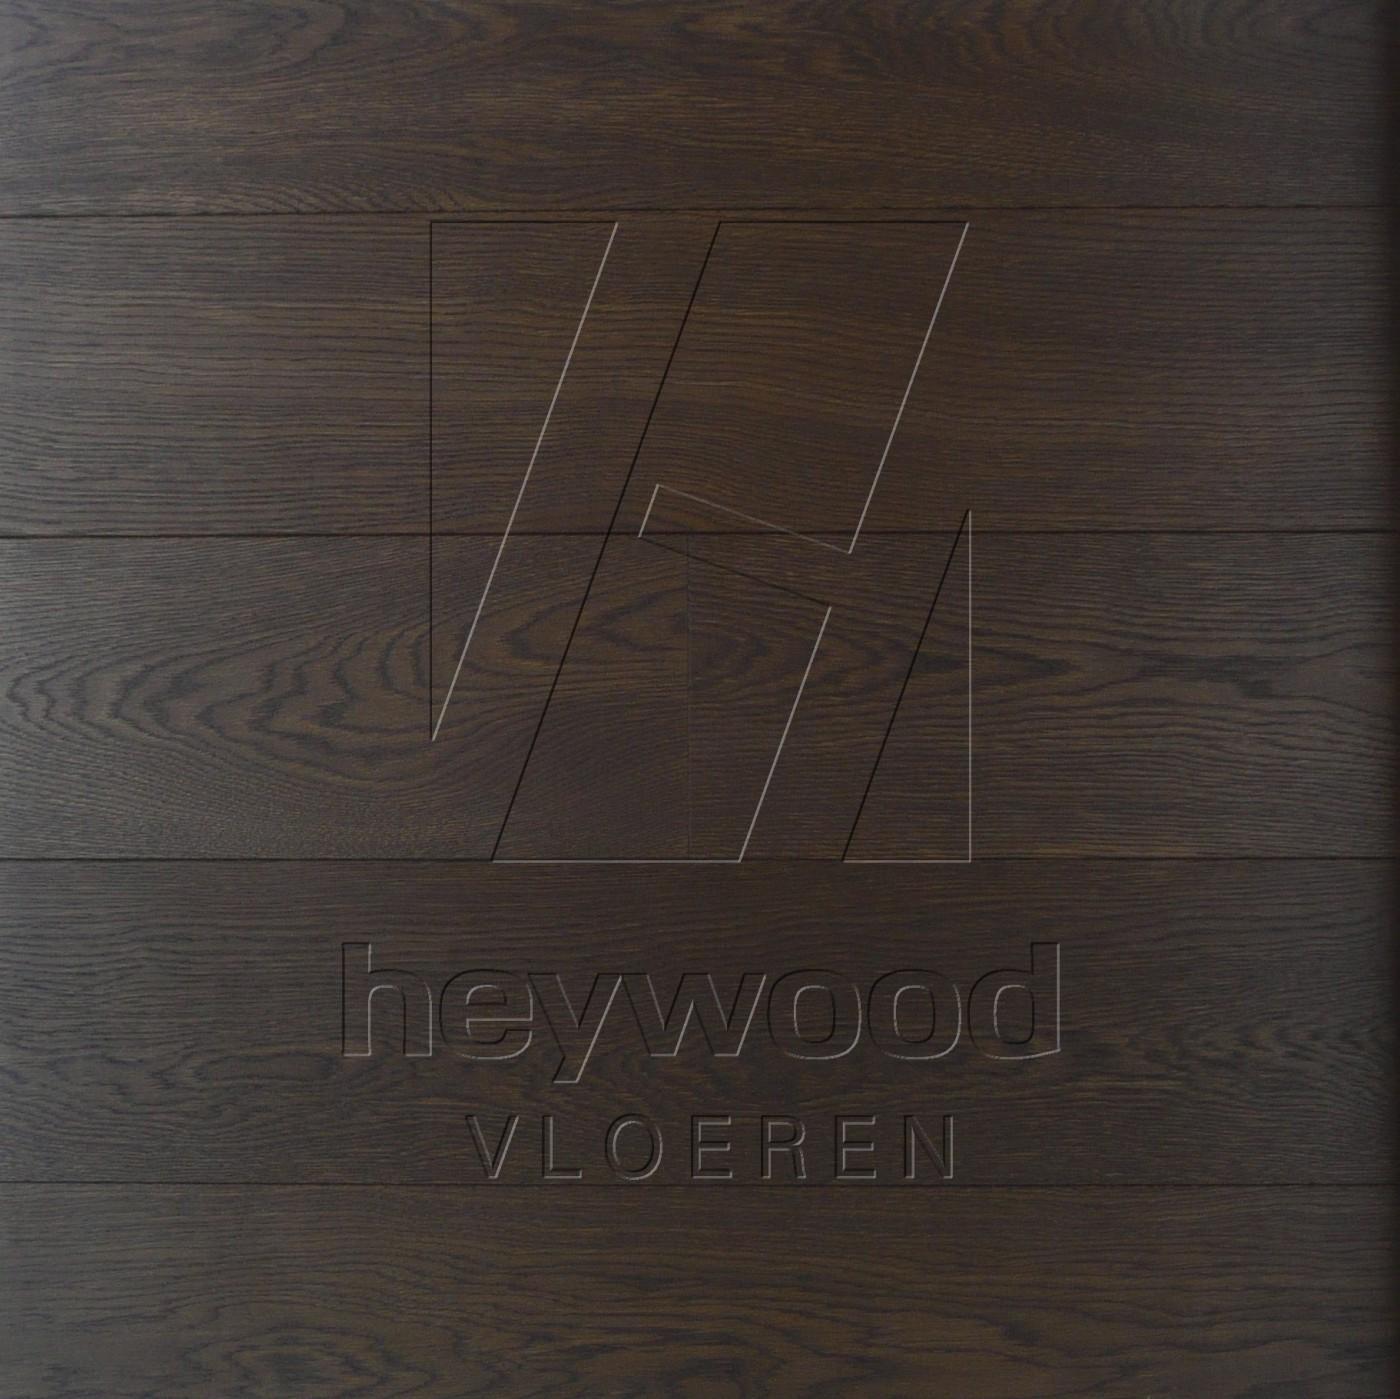 Rio Negro in European Oak Elegance of Bespoke Wooden Floors